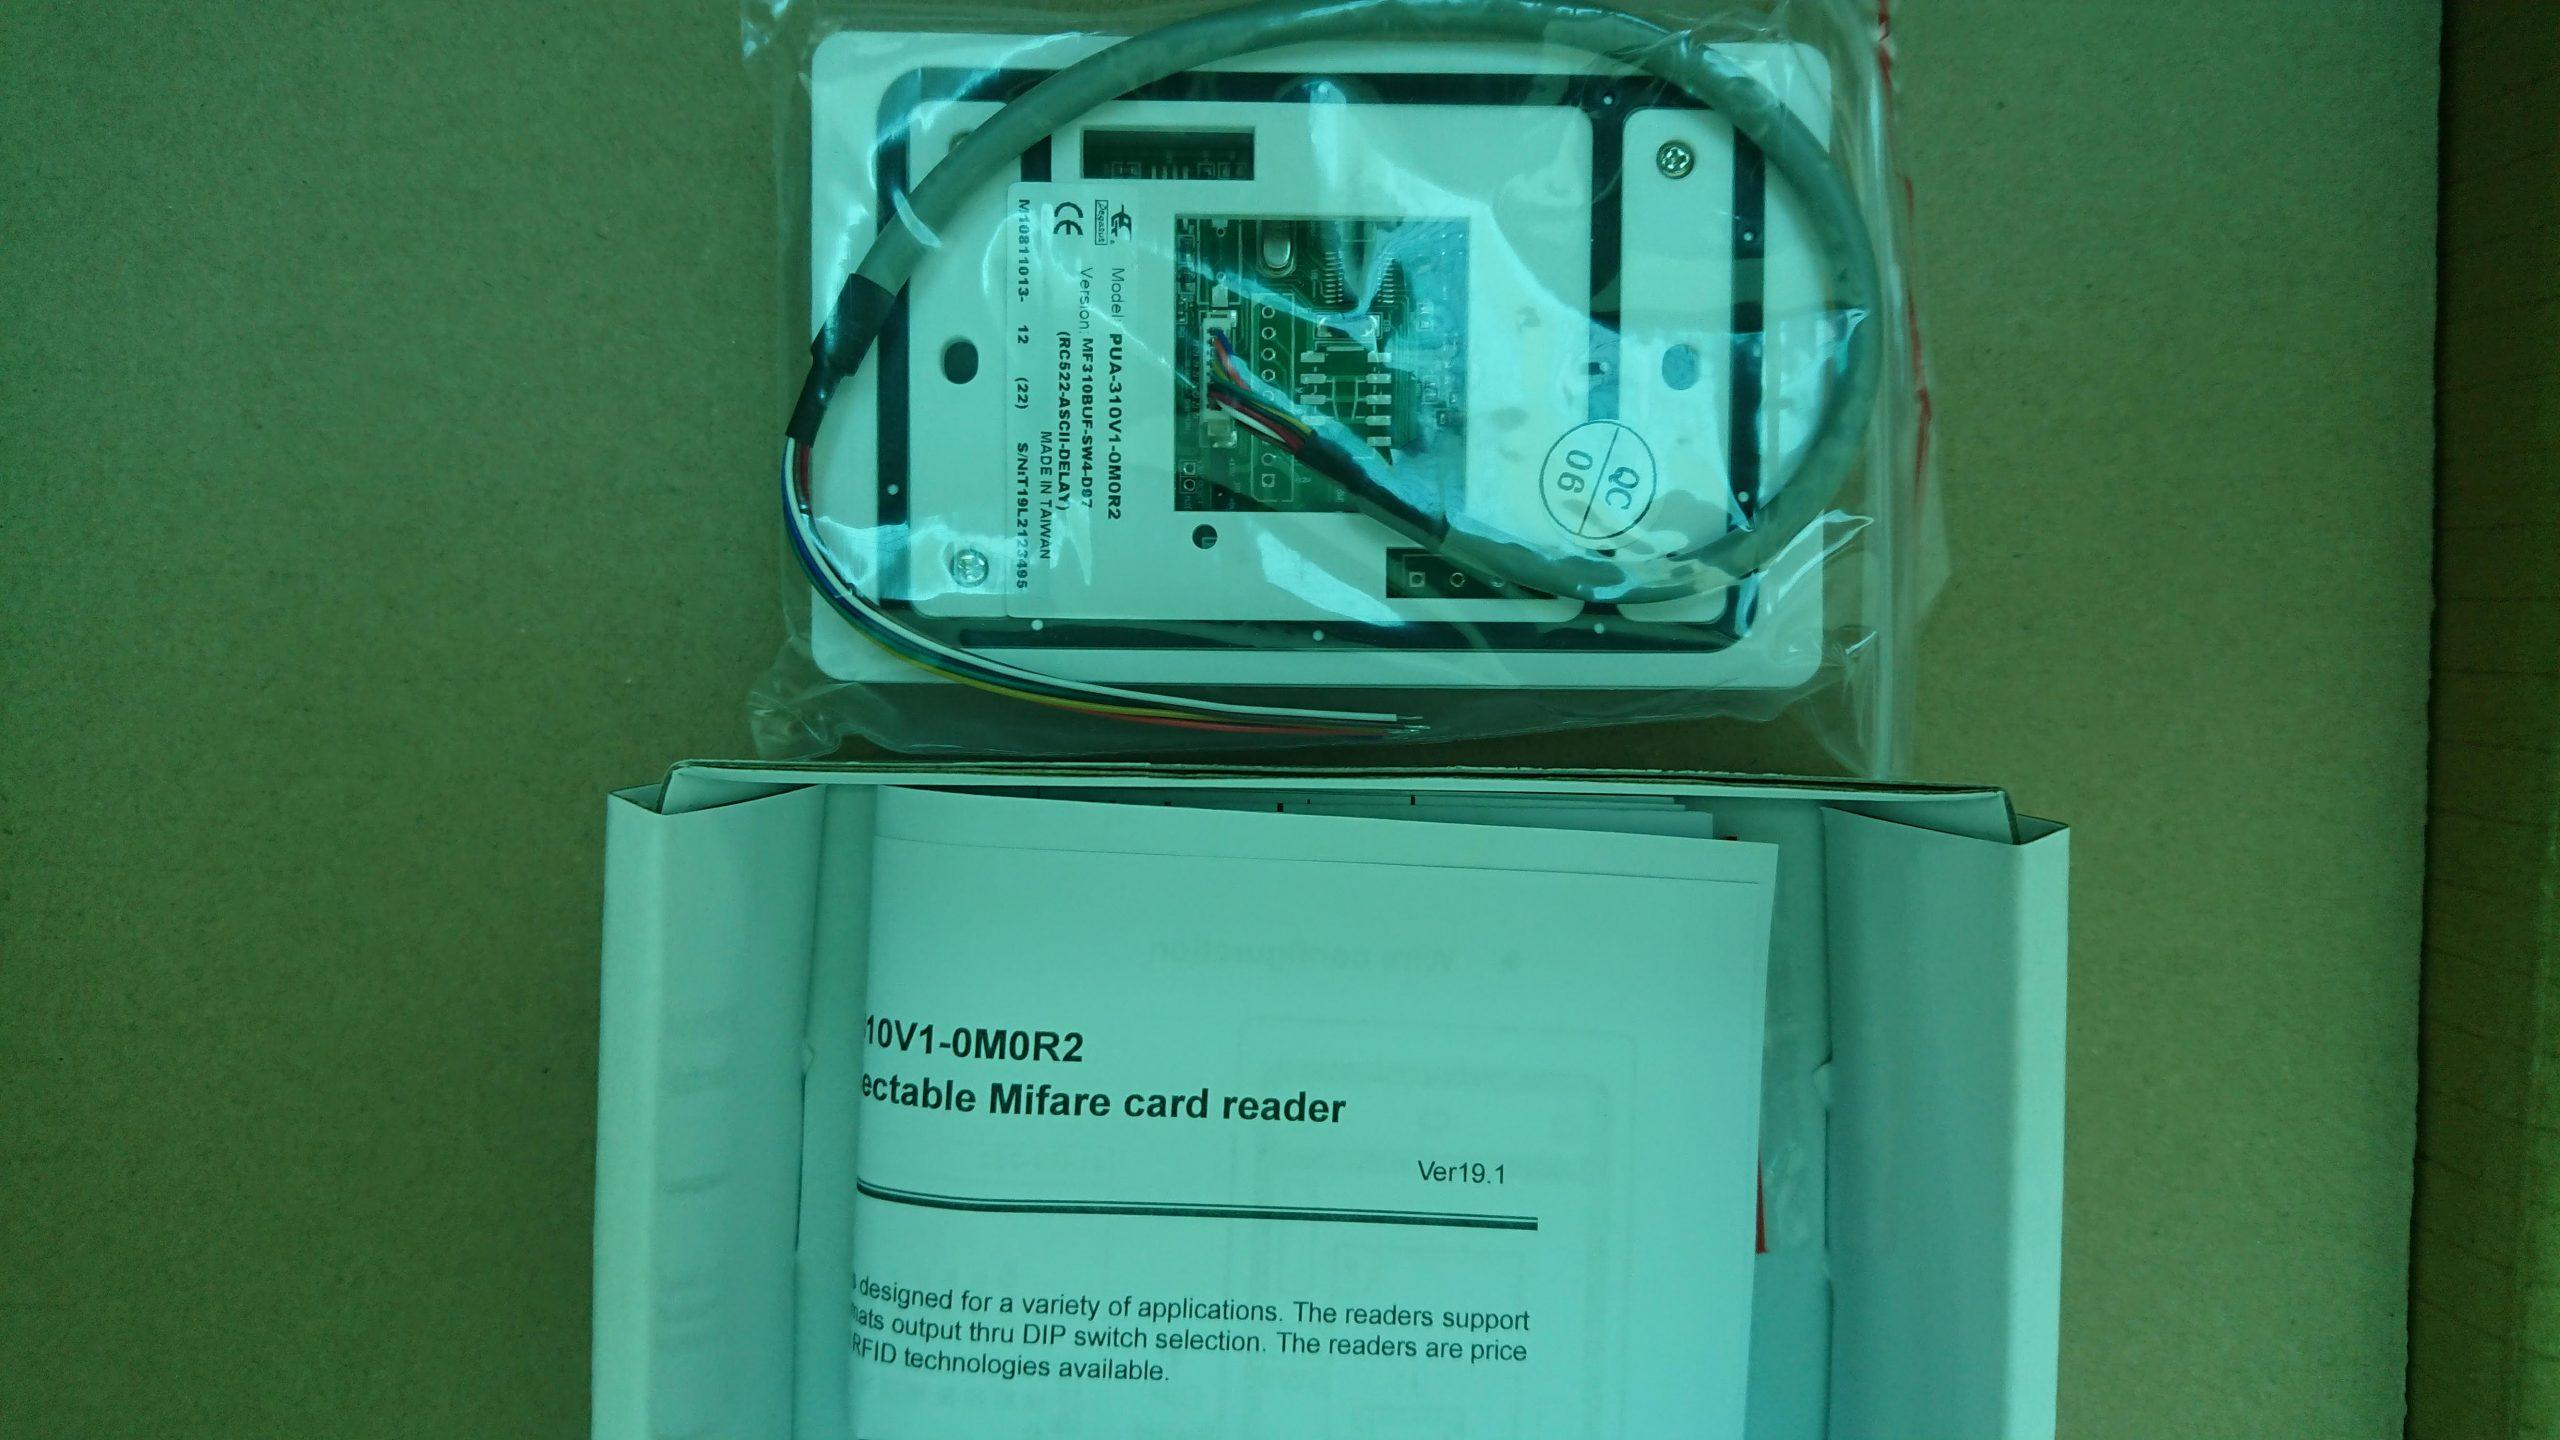 Giới thiệu Đầu đọc thẻ Mifare Pegasus chuẩn RS232 thay đổi format đầu ra PUA-310V1-0M0R2